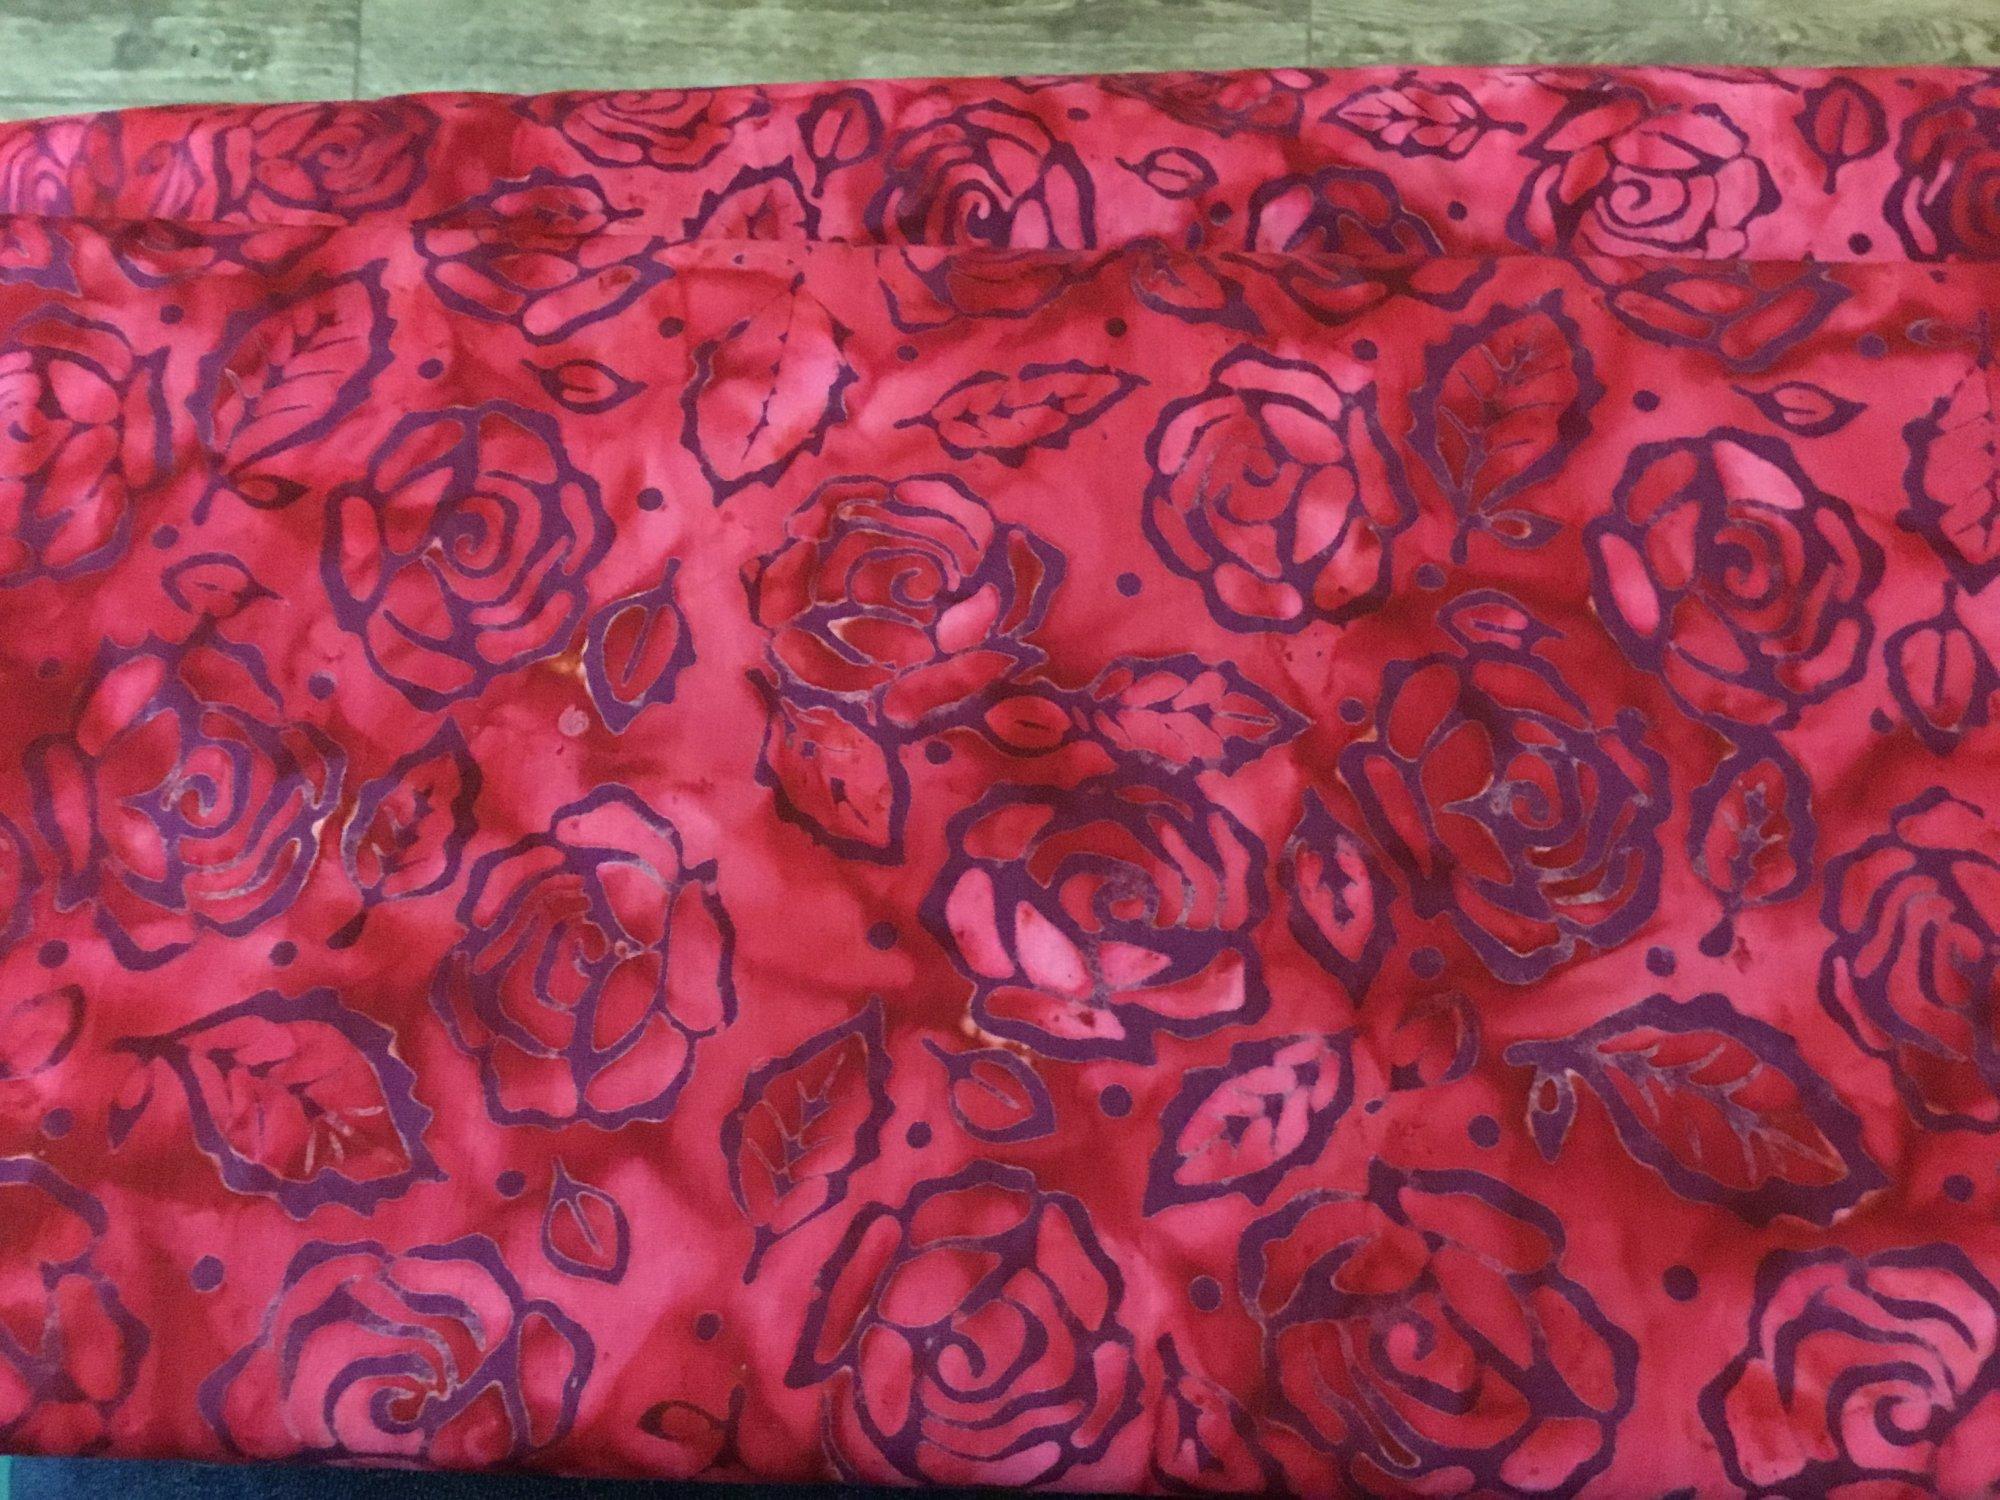 Roses and Thorns Batik Red